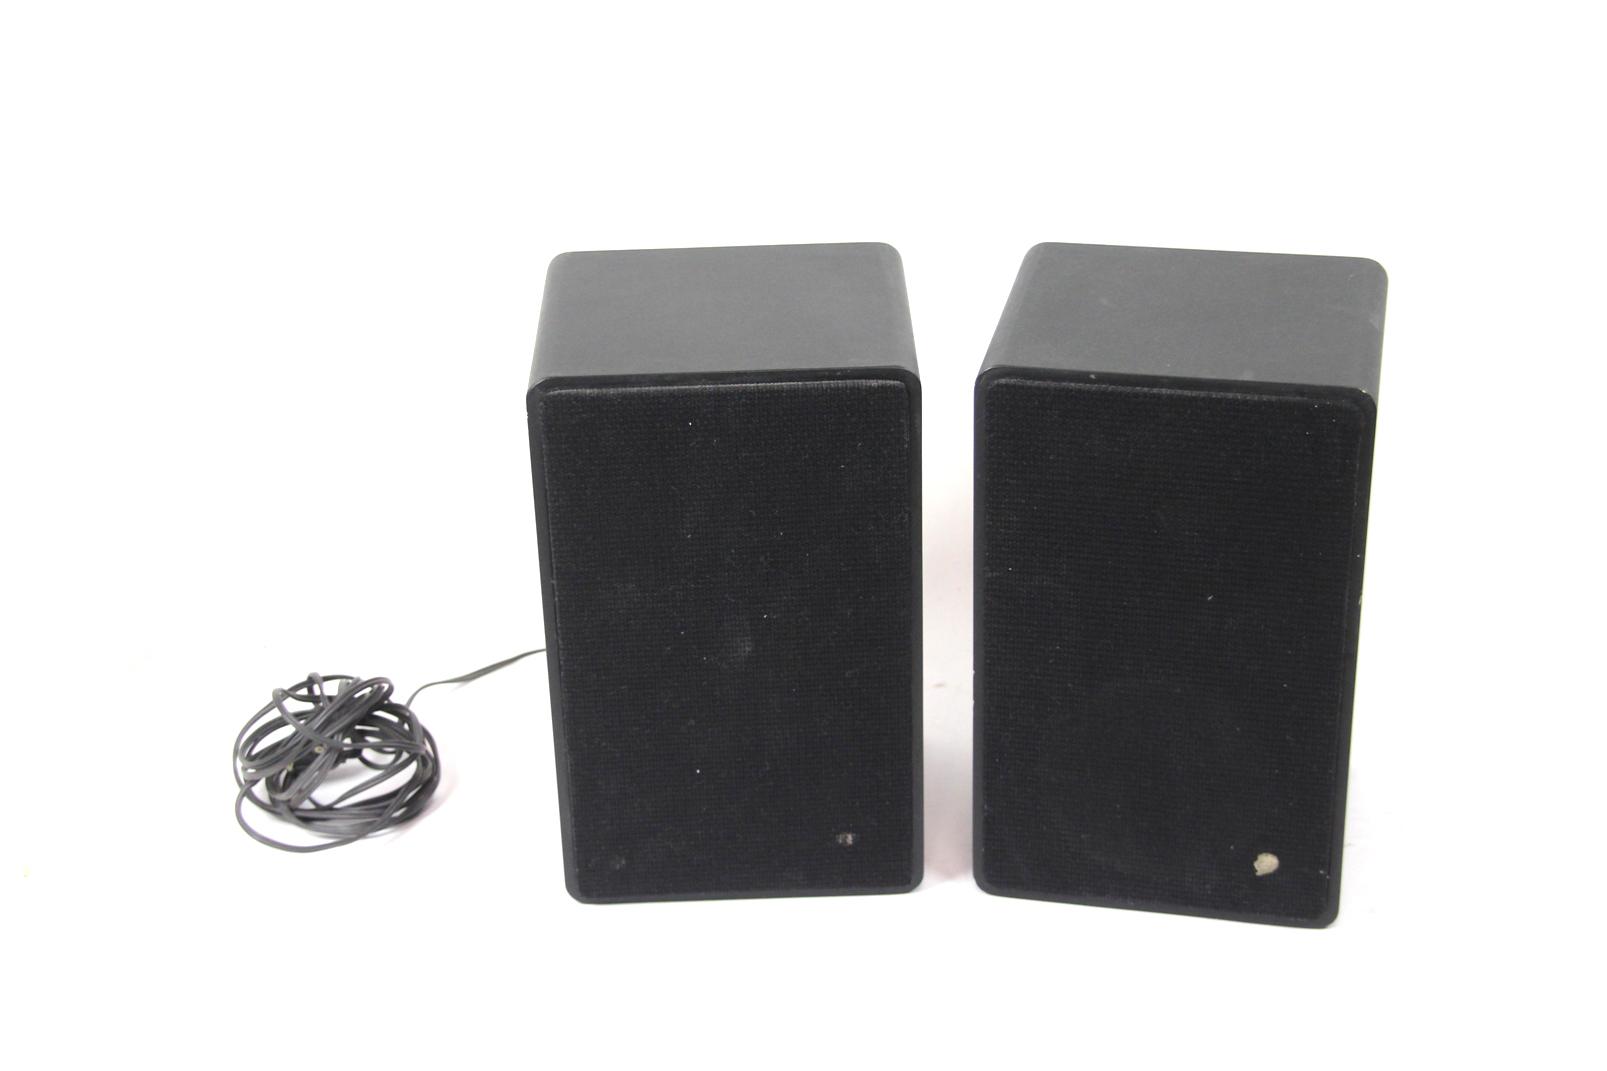 rft k lleda b9131 kompaktboxen ddr 2 wege stereo. Black Bedroom Furniture Sets. Home Design Ideas